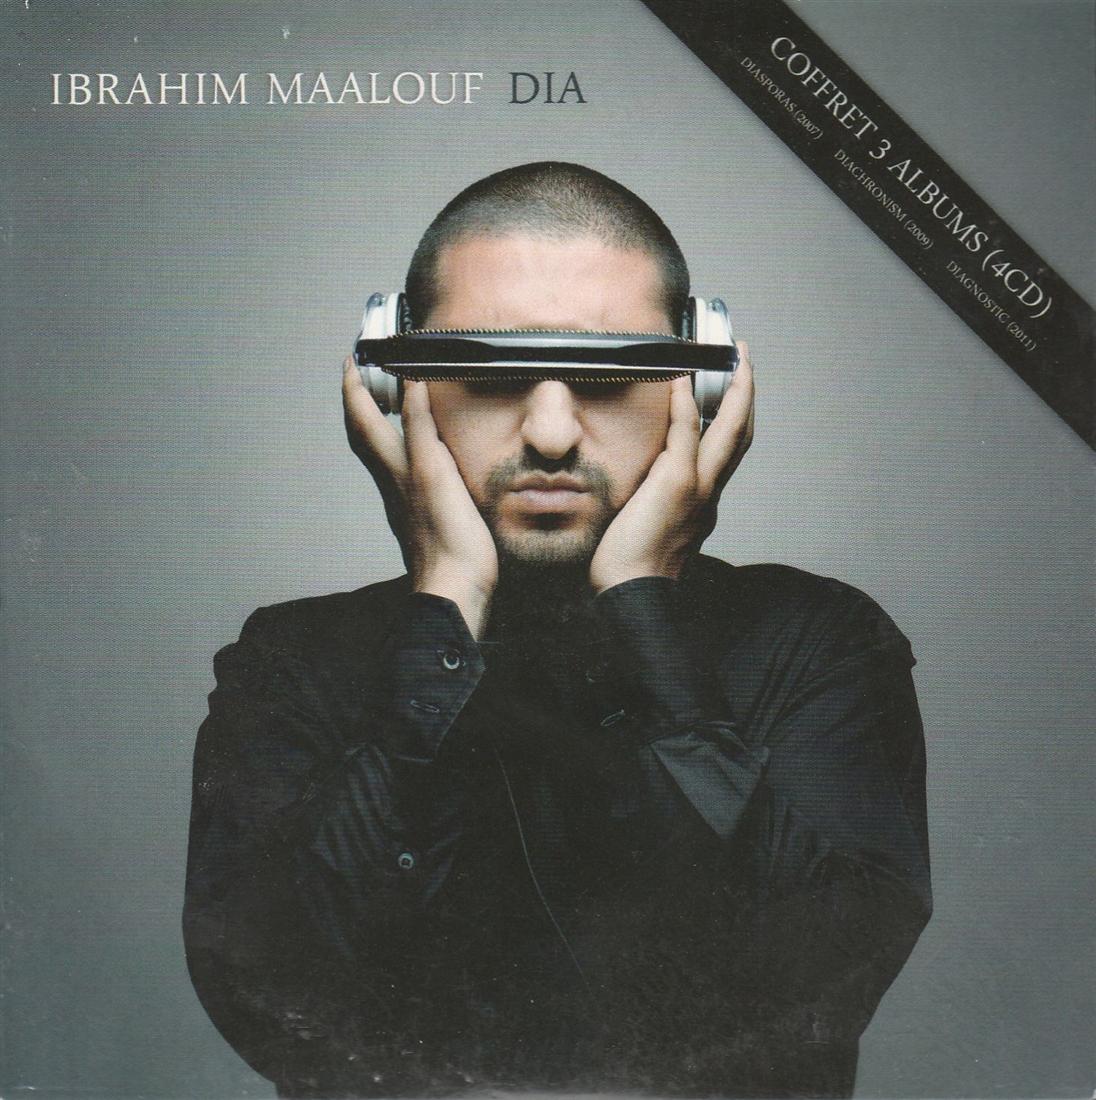 IBRAHIM MAALOUF - Dia - MCD